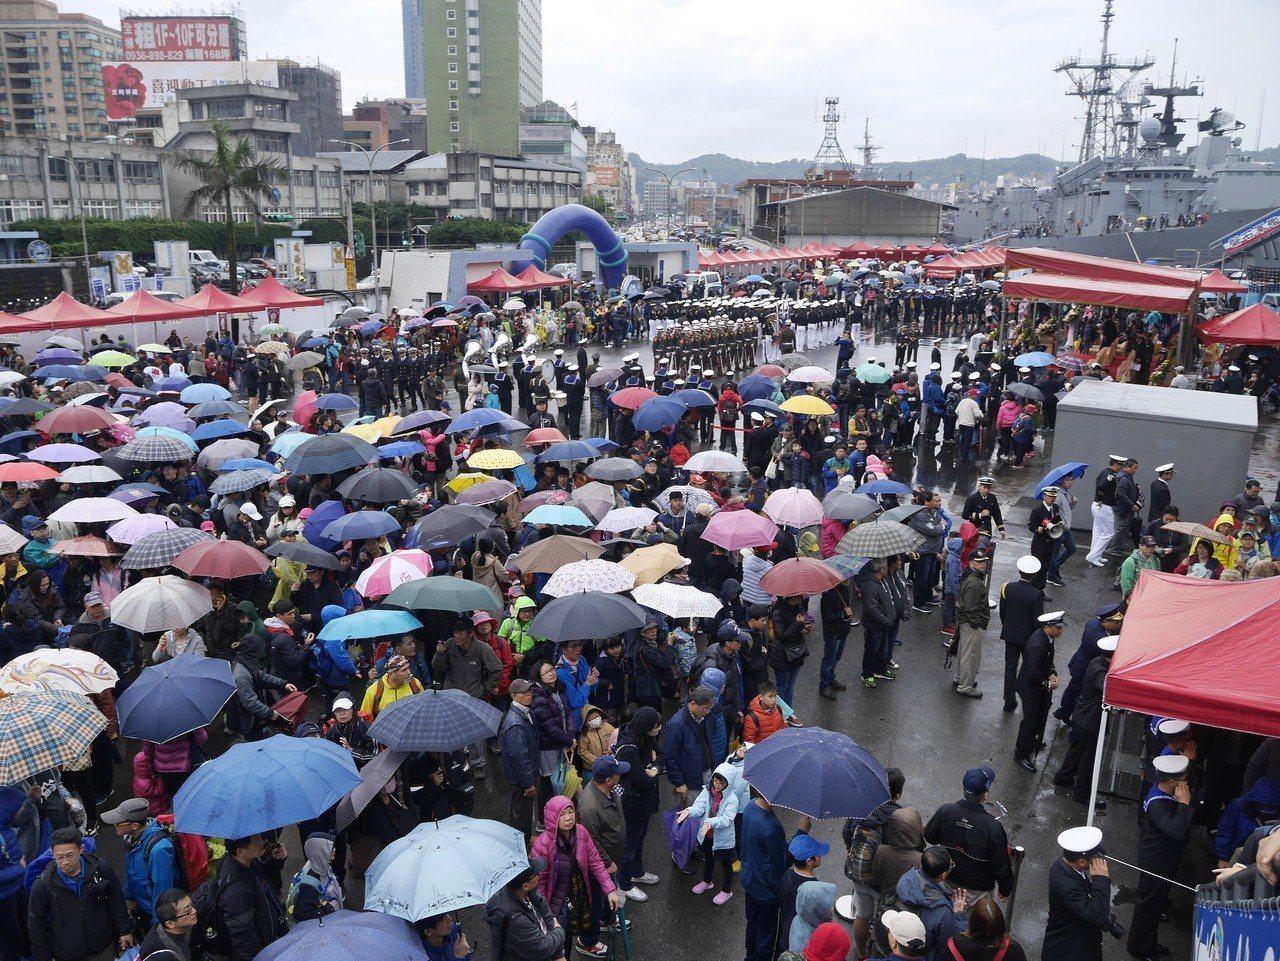 海軍敦睦支隊昨天在基隆港東五碼頭開放民眾參觀,人龍、車流大回堵,交通幾近癱瘓。記...